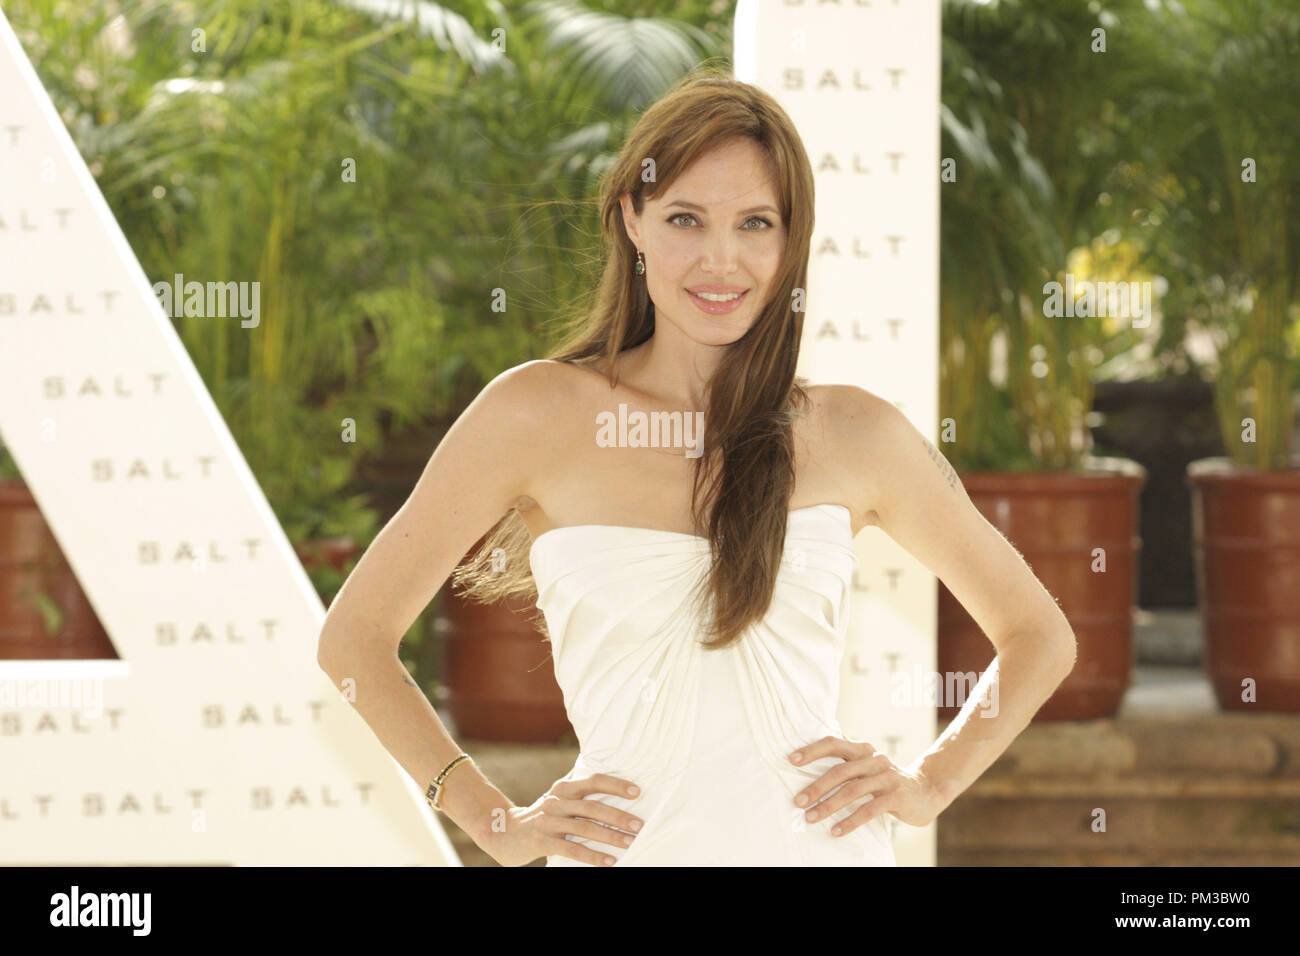 Cancun, Mexiko - 30. Juni 2010: Angelina Jolie an der Columbia Pictures' SALZ Foto bei Sommer Sony statt. Datei Referenz # 30318_002 GFS nur für redaktionelle Verwendung - Alle Rechte vorbehalten Stockbild